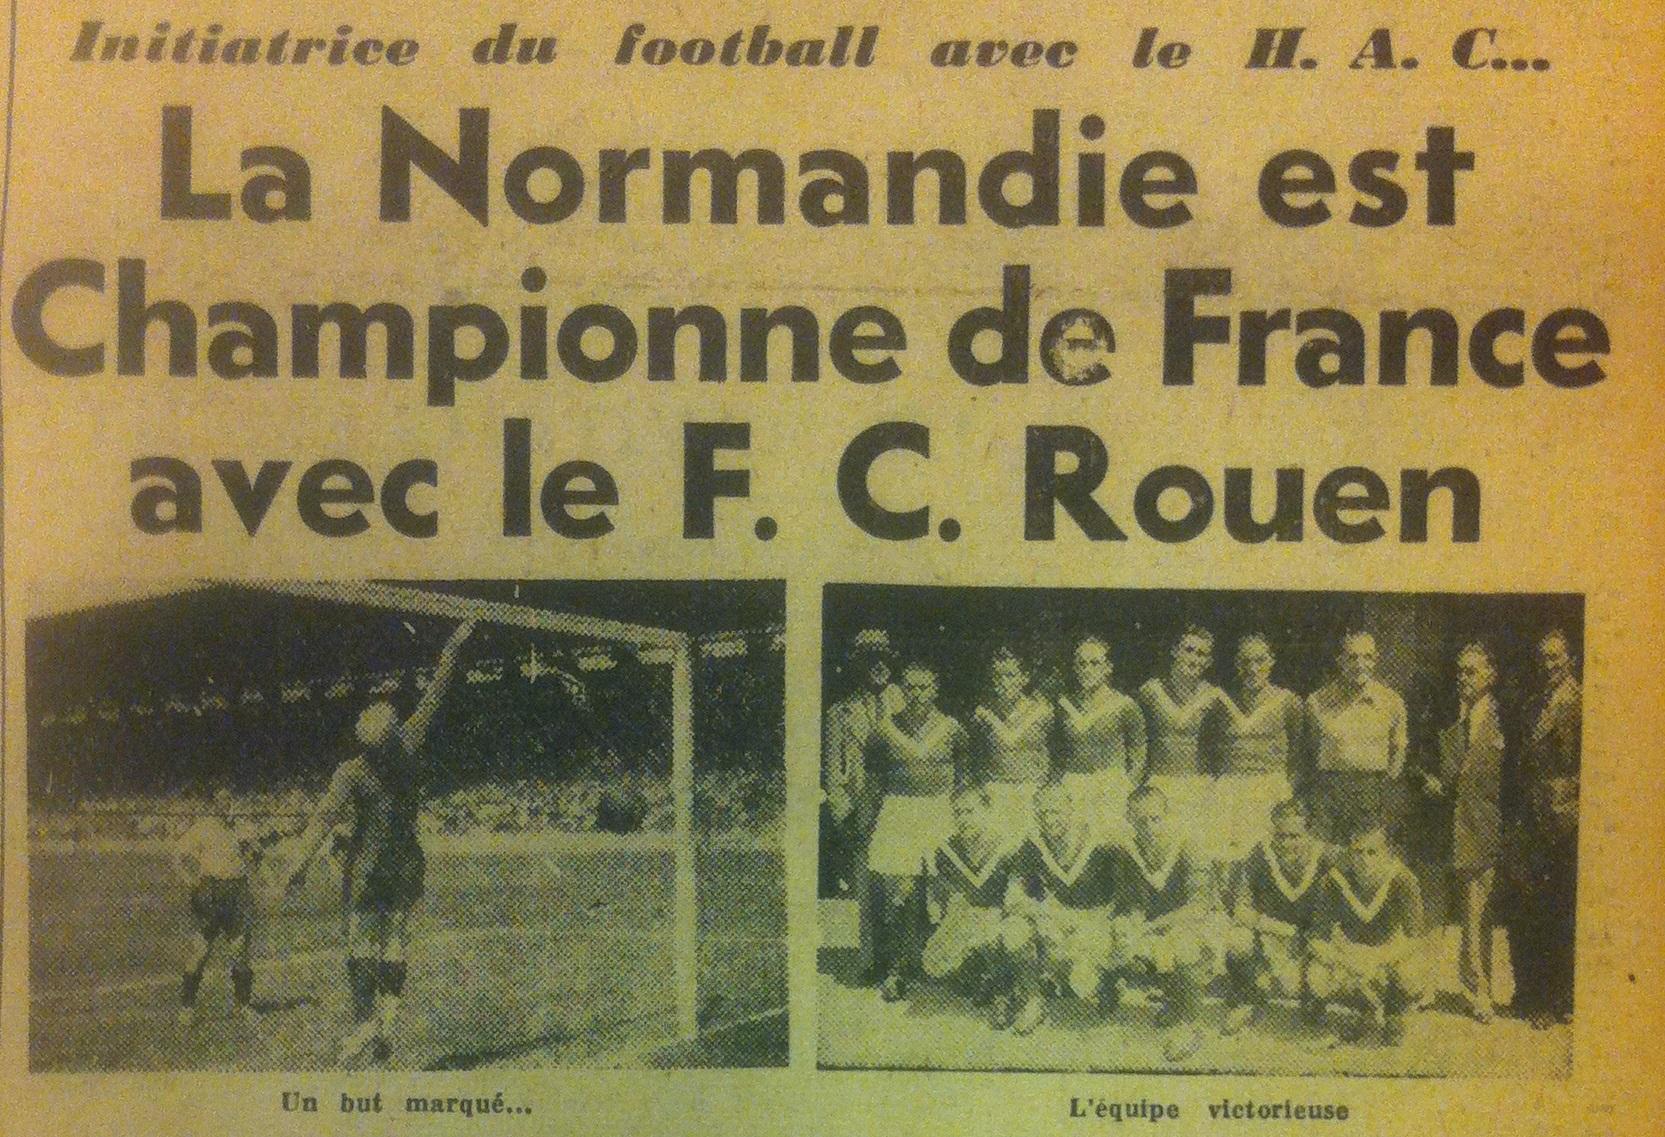 FC Rouen champion de france